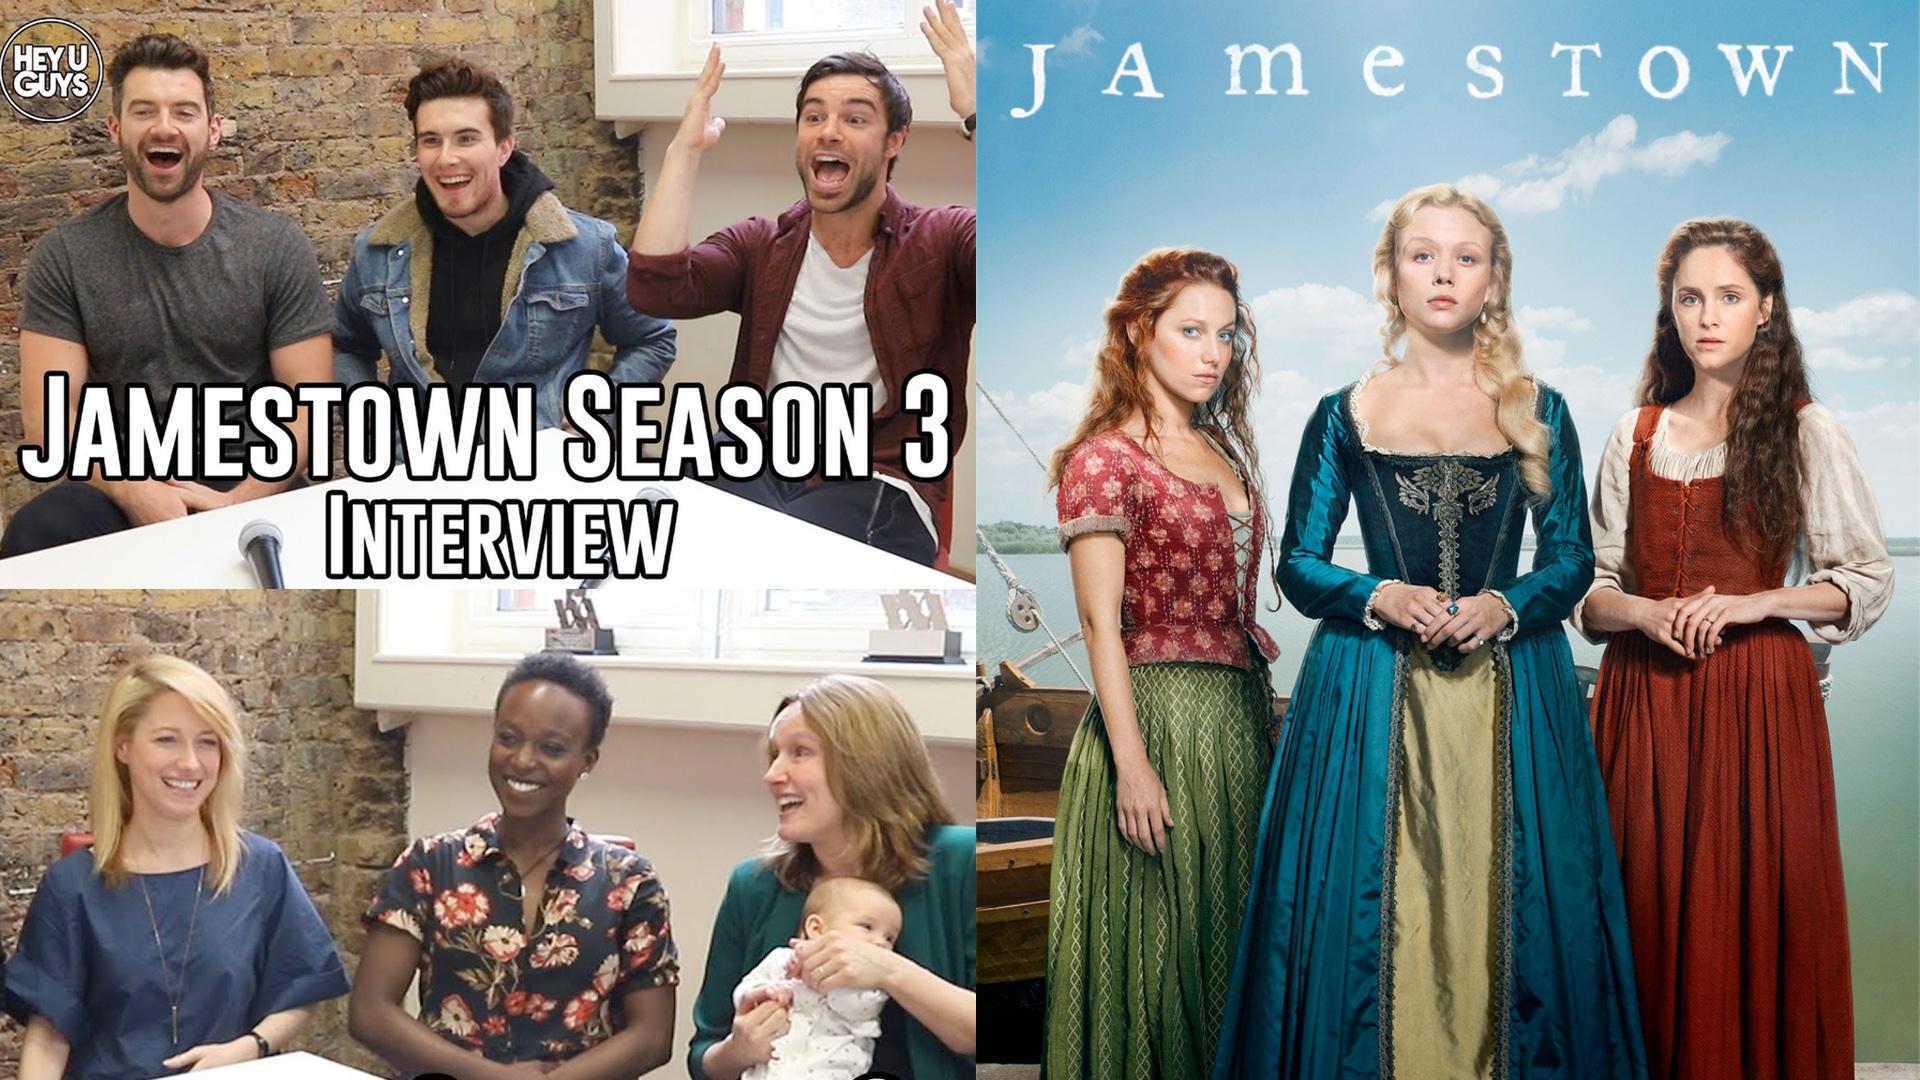 jamestown season 3 interviews